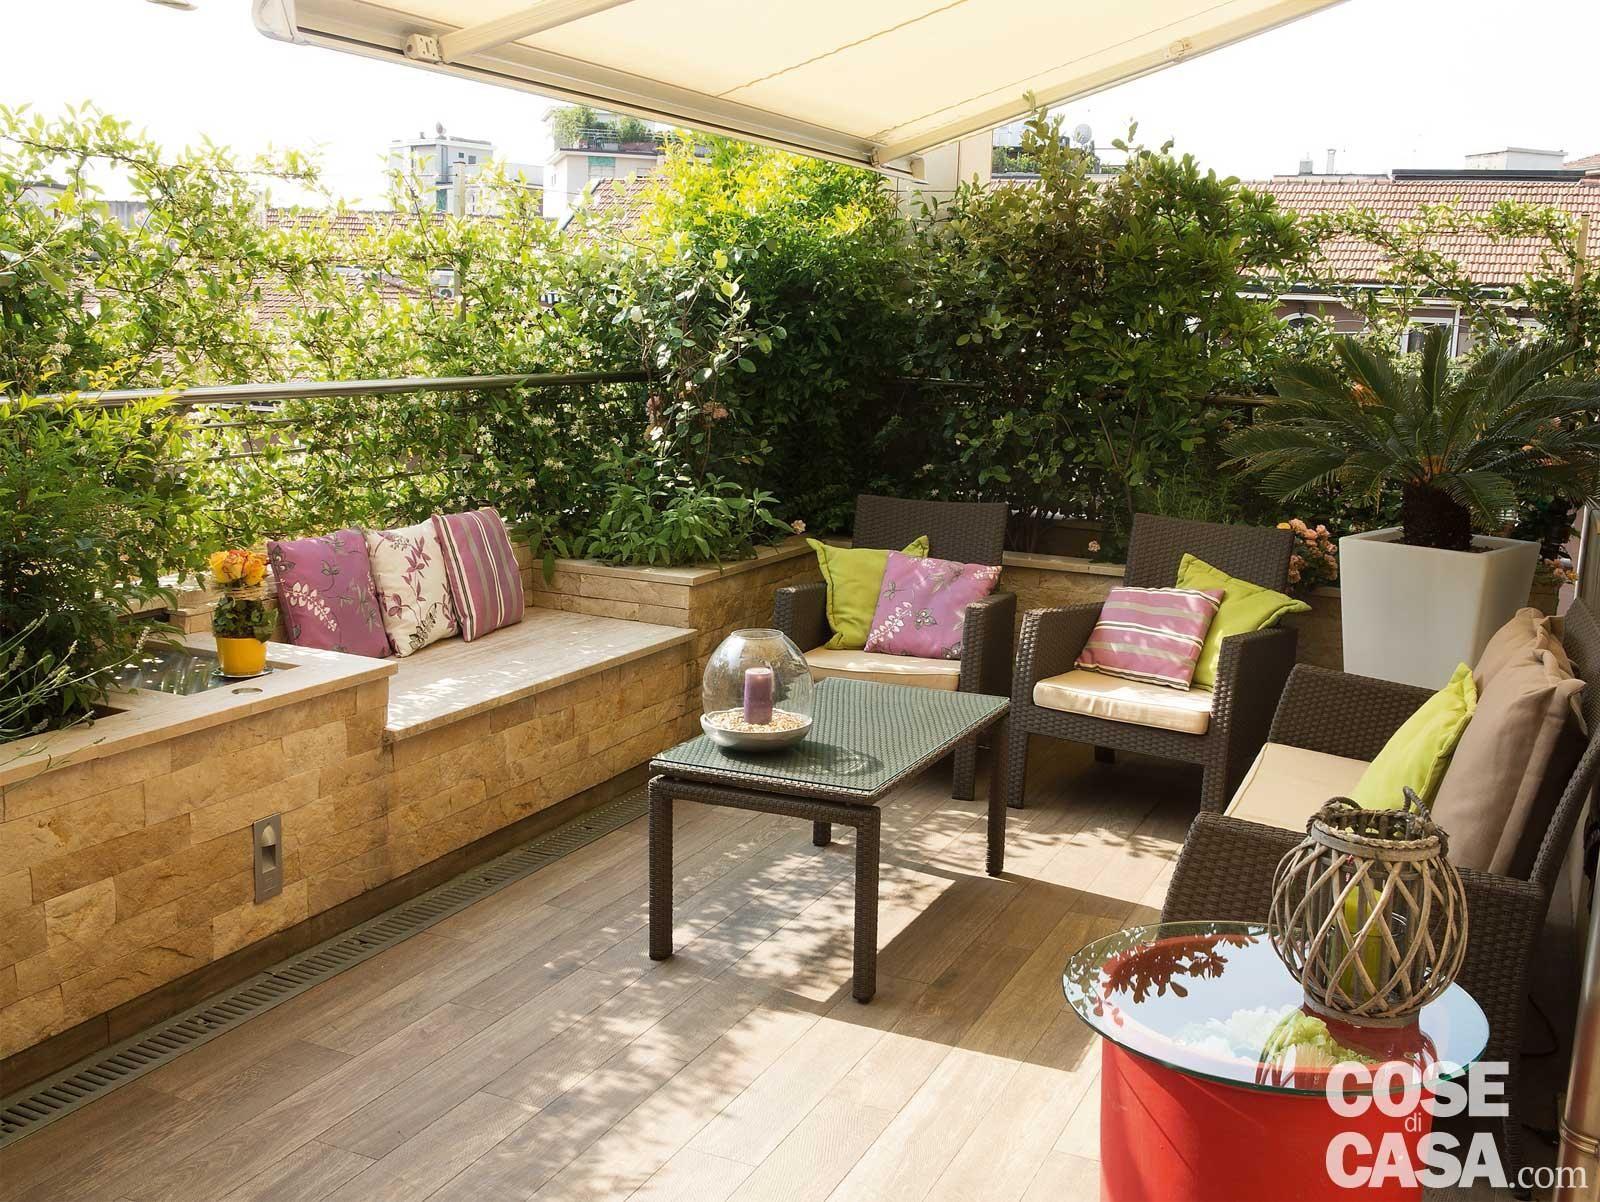 La terrazza diventa living: arredare anche con le piante ...